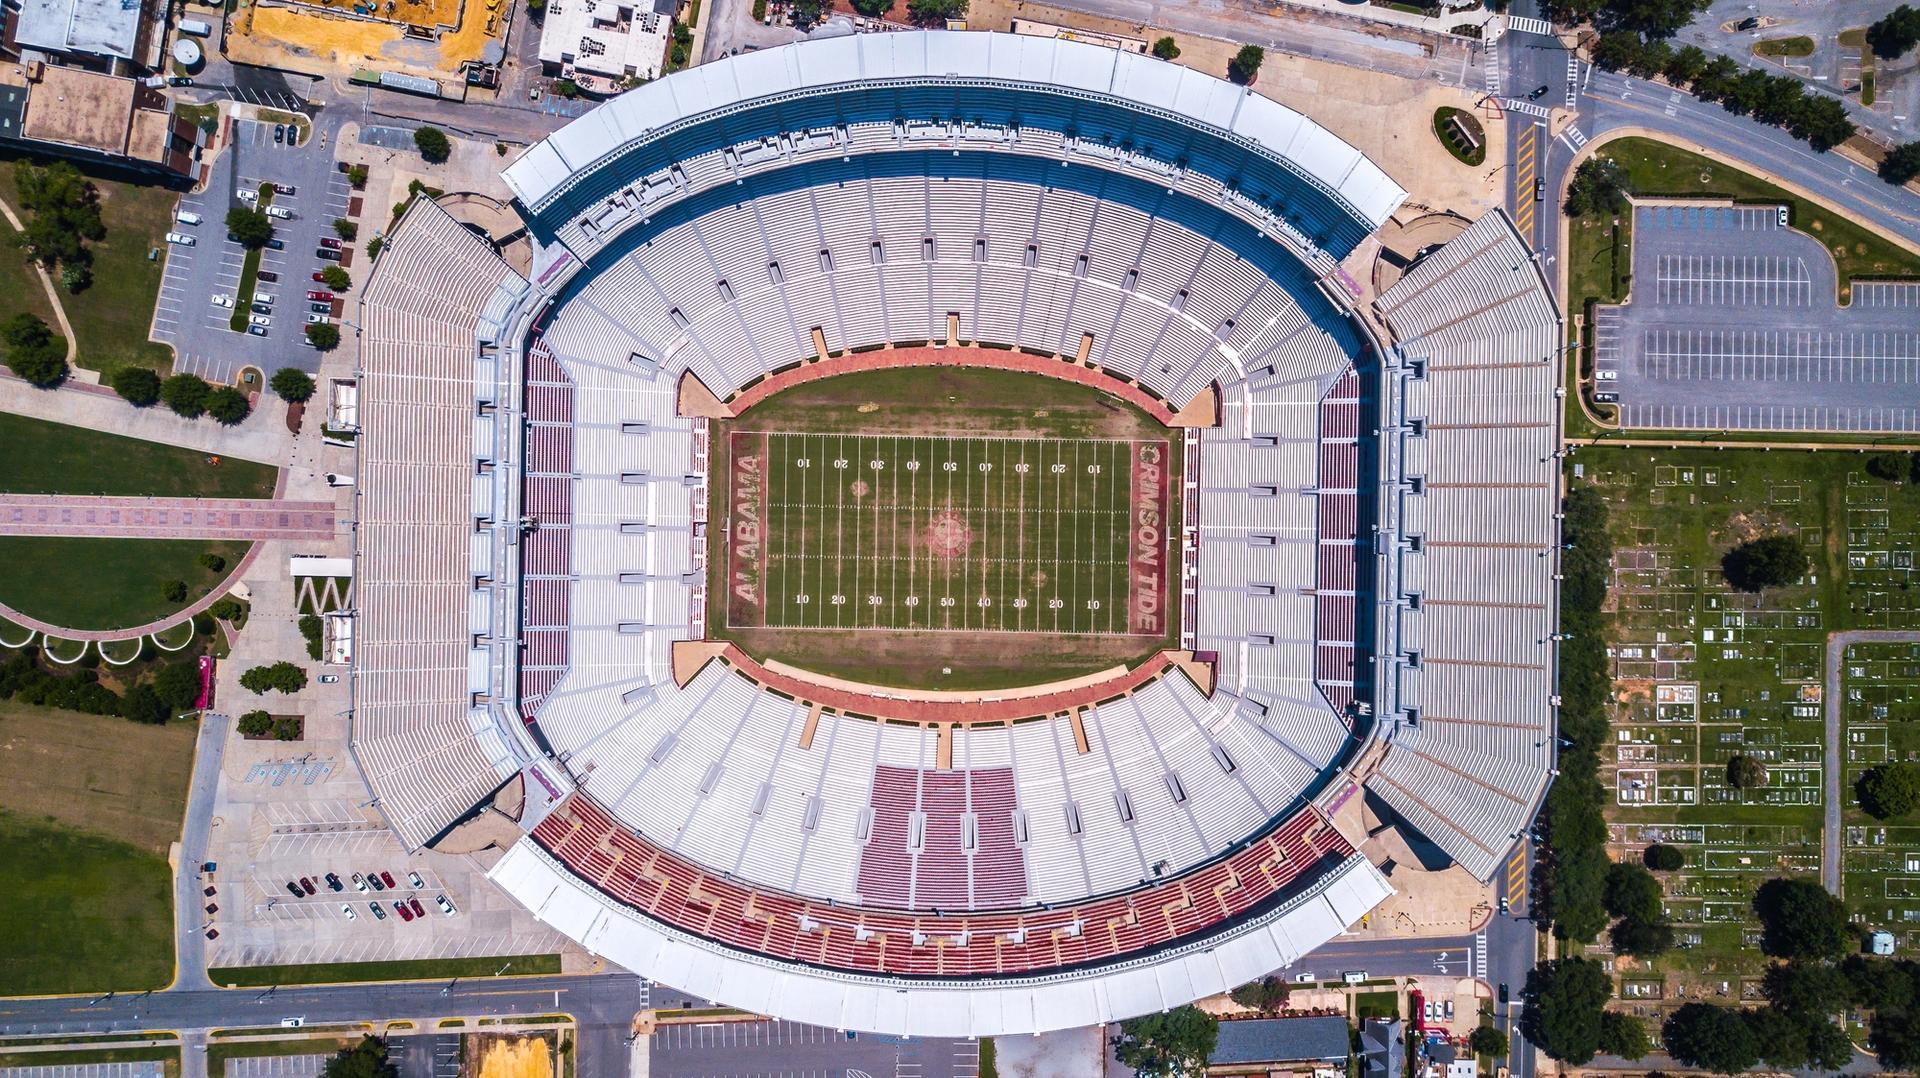 #1 ranked University of Alabama, Bryant-Denny Stadium, Tuscaloosa, AL.